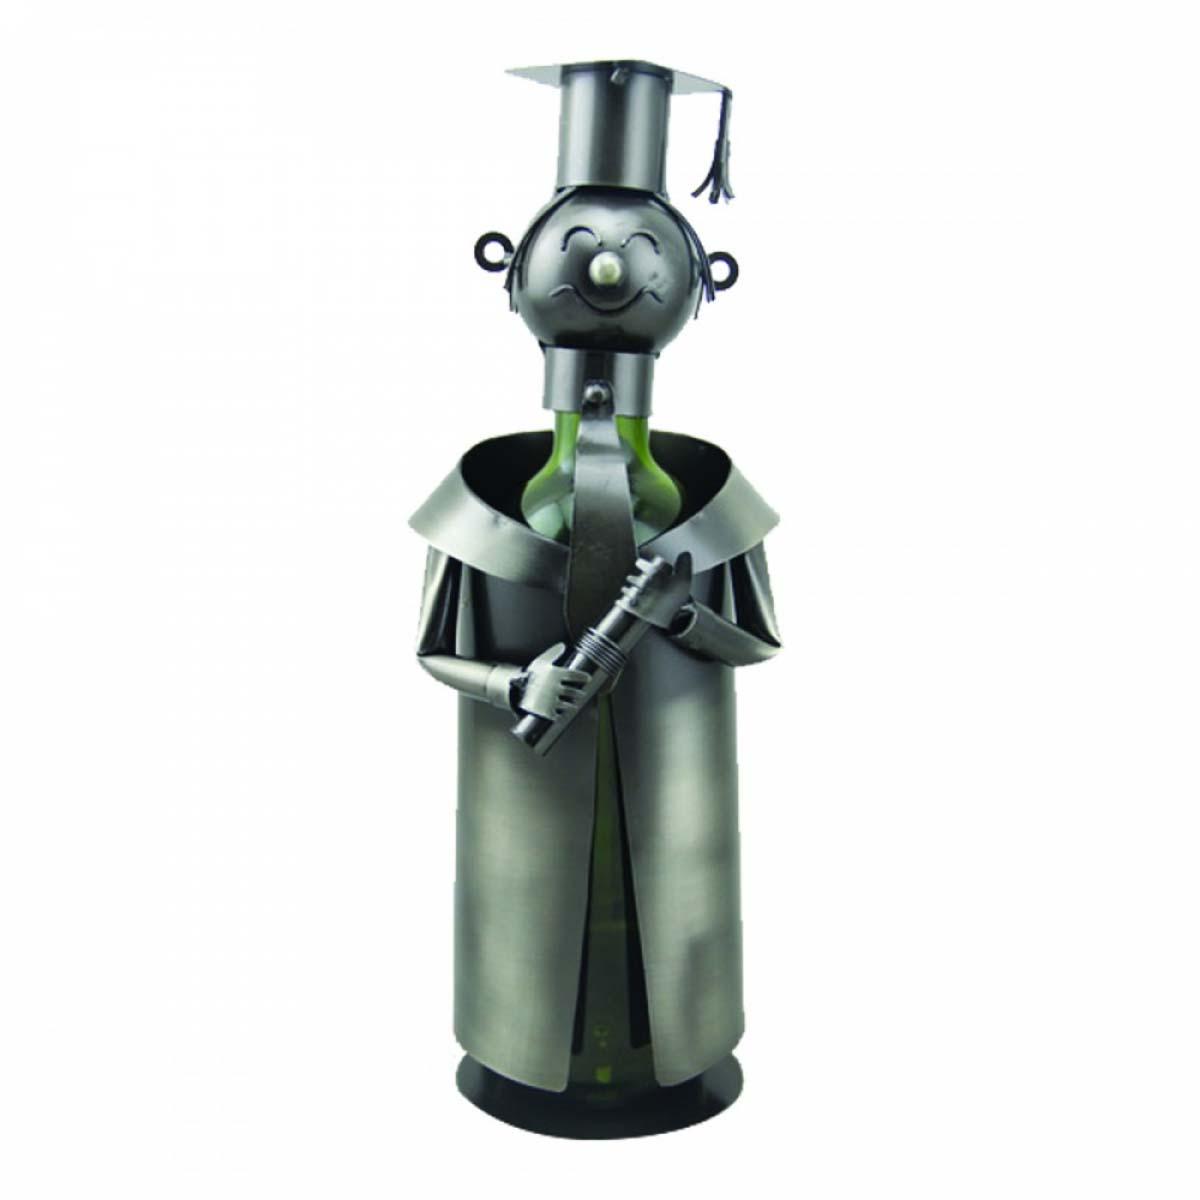 <A MODIFIER> Porte-bouteille \'Sculpture métal\' Avocat/juge - 23x13 cm - [A0865]